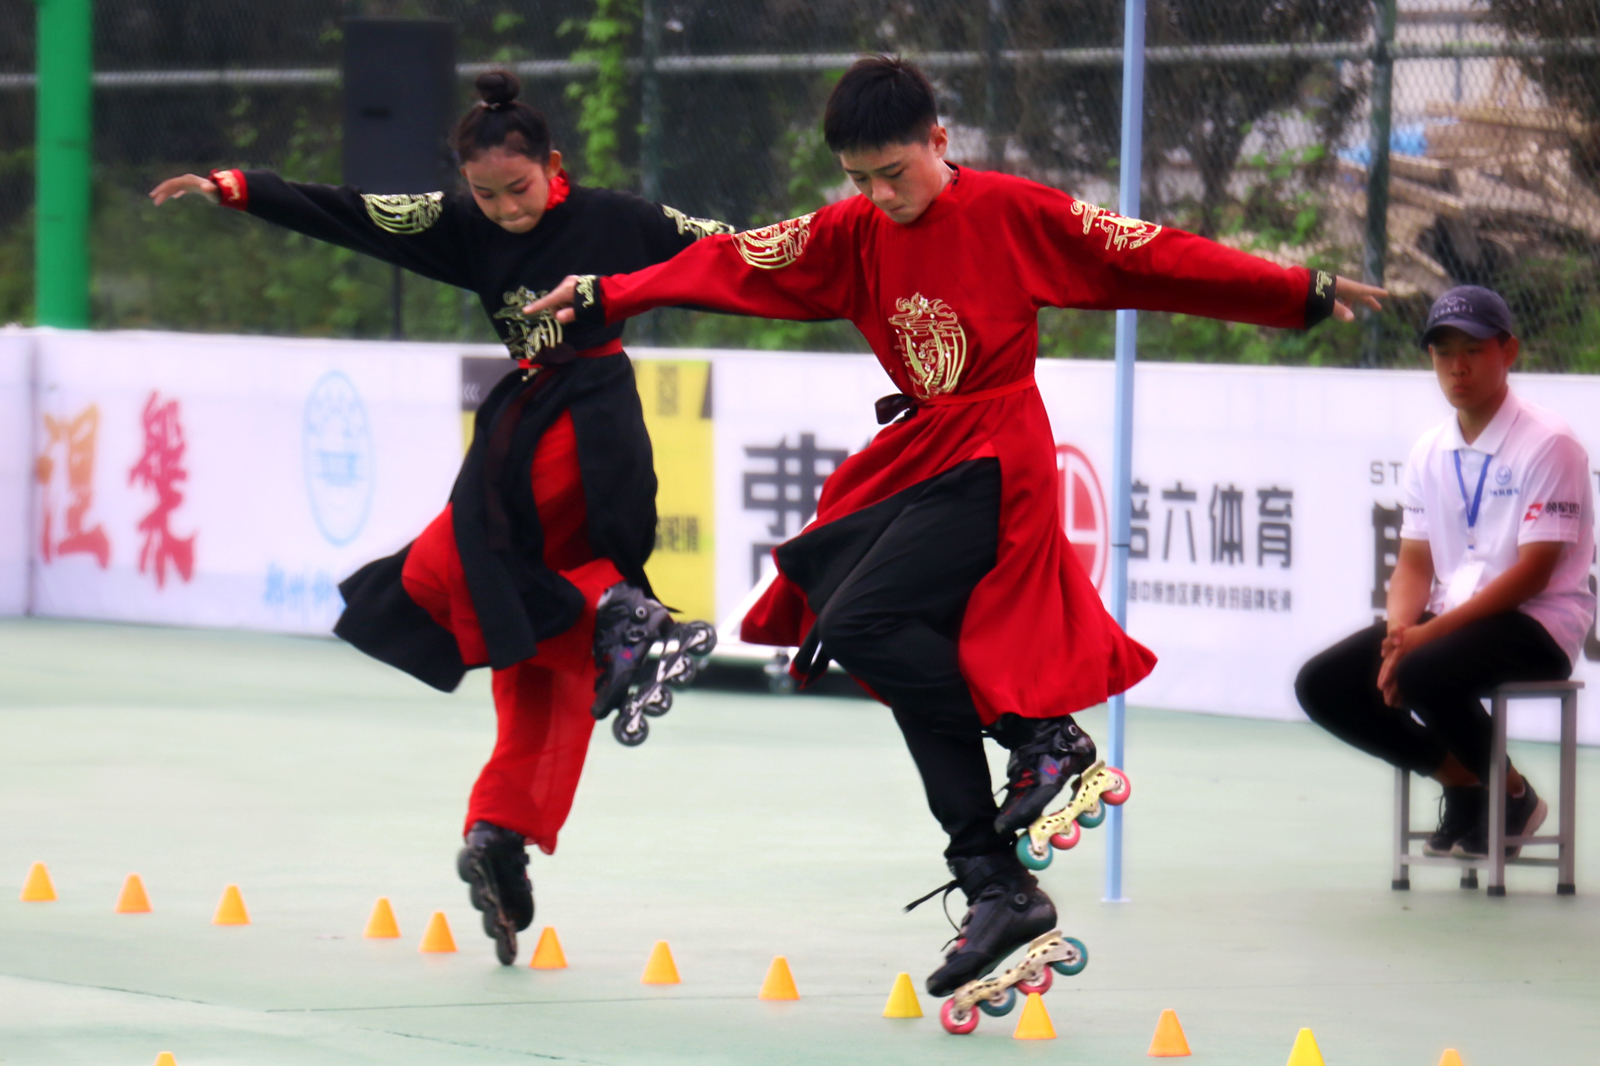 第十一届河南省轮滑锦标赛自由式轮滑比赛